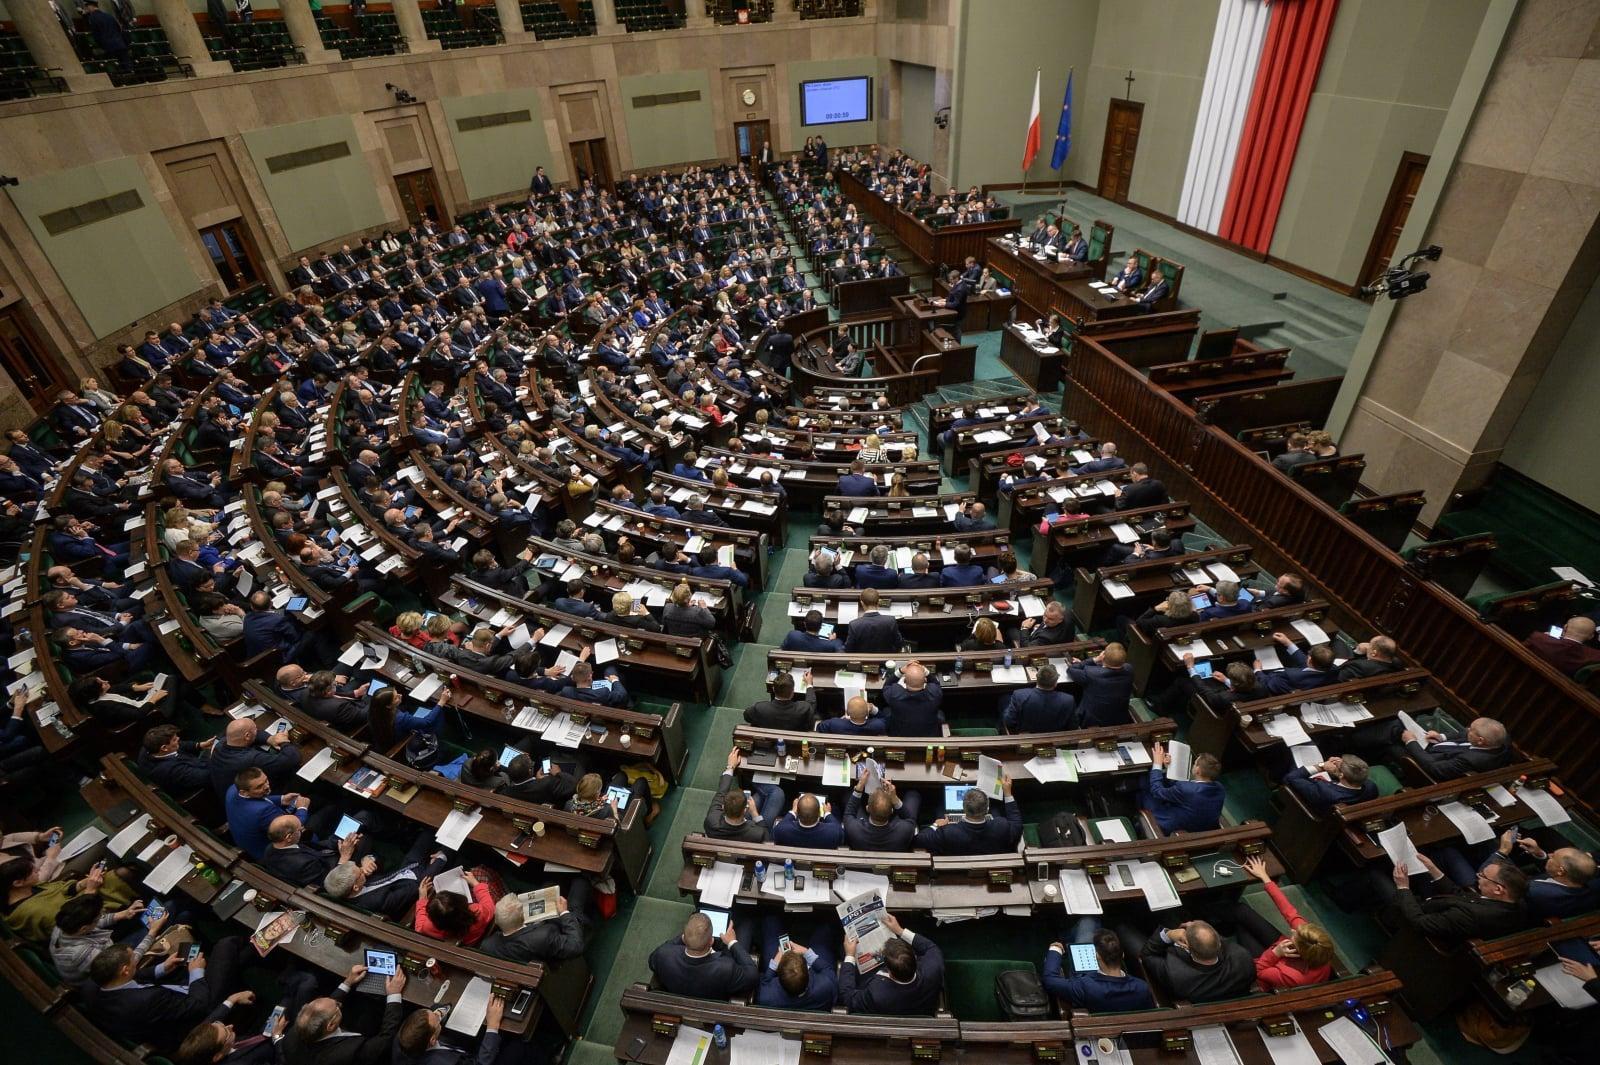 Posłowie na sali obrad, podczas posiedzenia Sejmu, Warszawa, fot.PAP/Marcin Obara